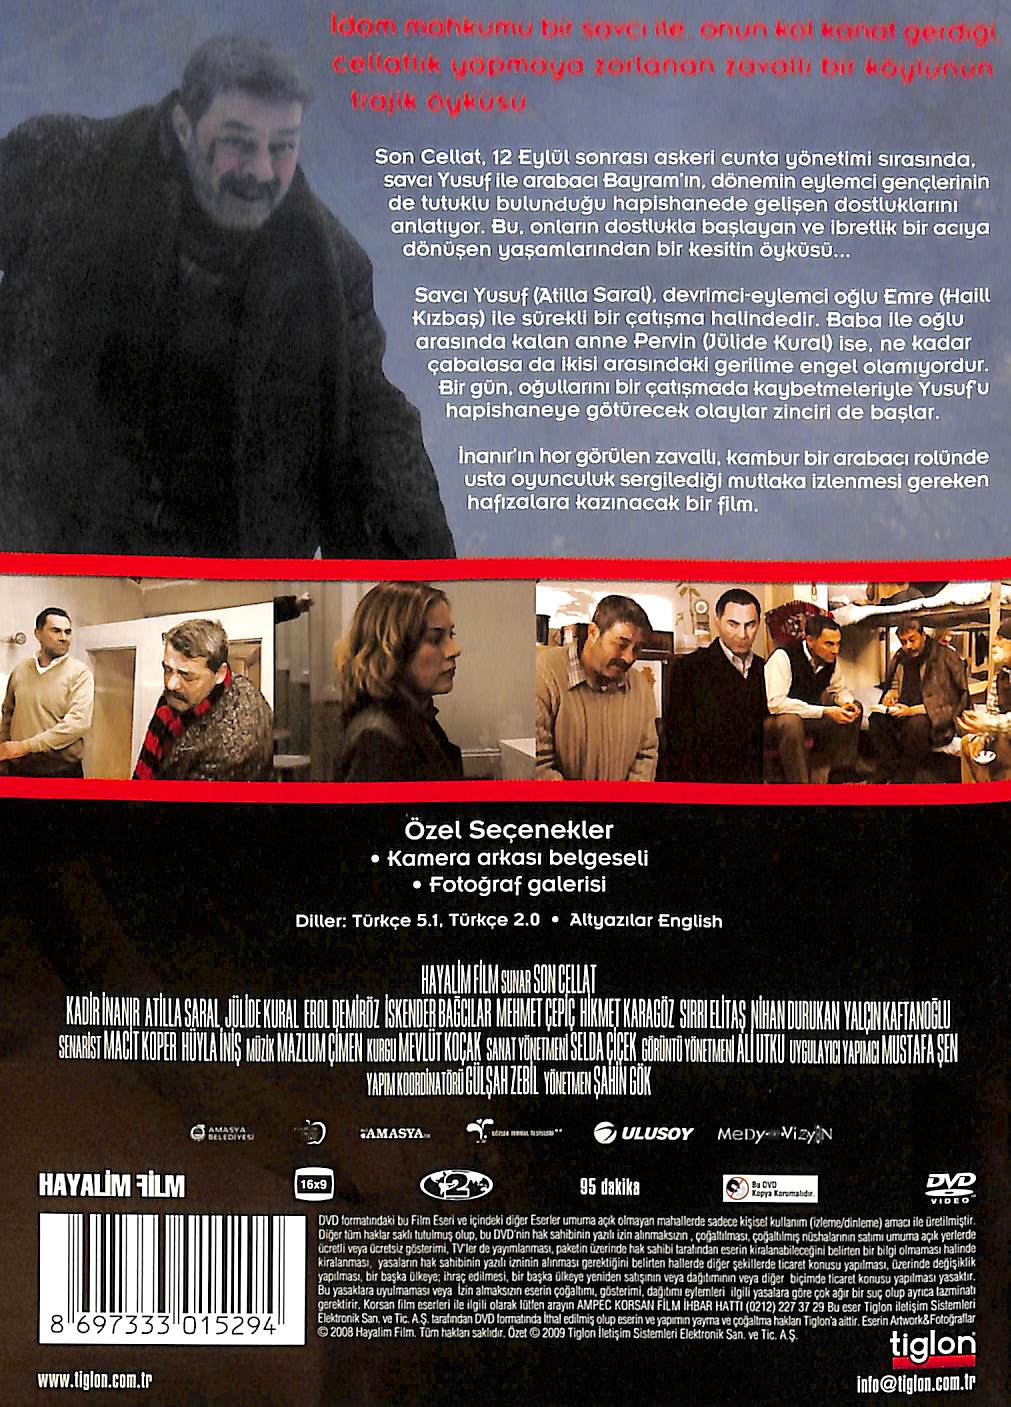 Film Locusts: aktörler ve rolleri